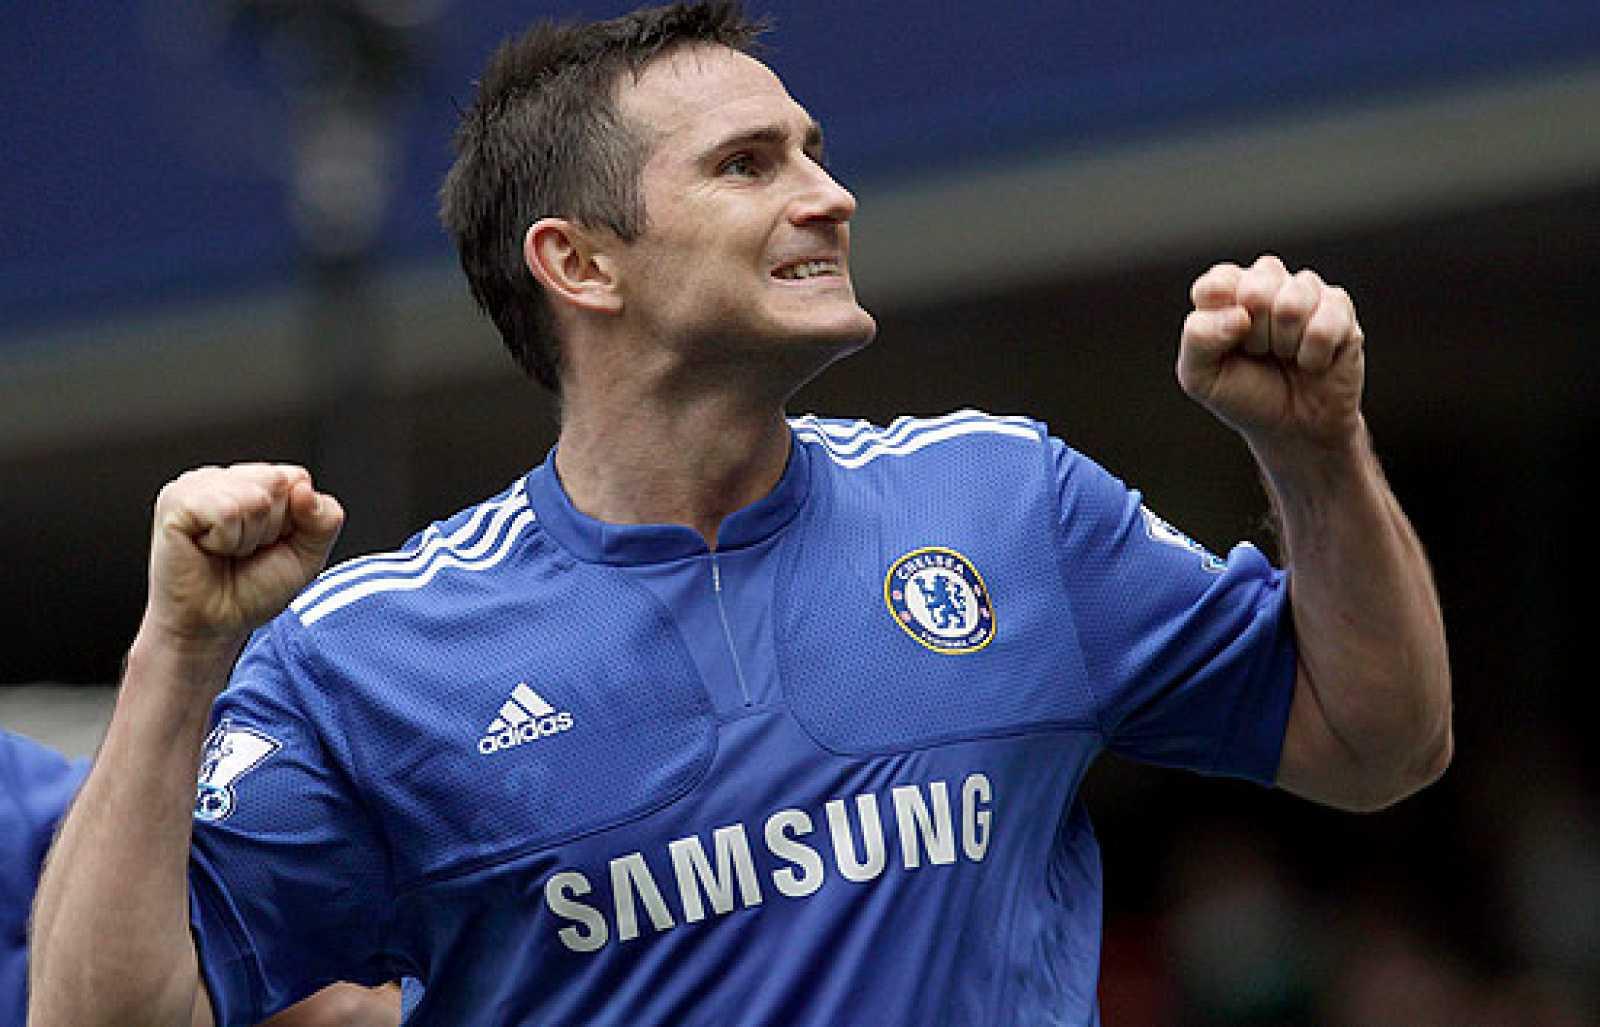 El Chelsea ha vapuleado al Aston Villa por 7-1, con cuatro tantos de Lampard.